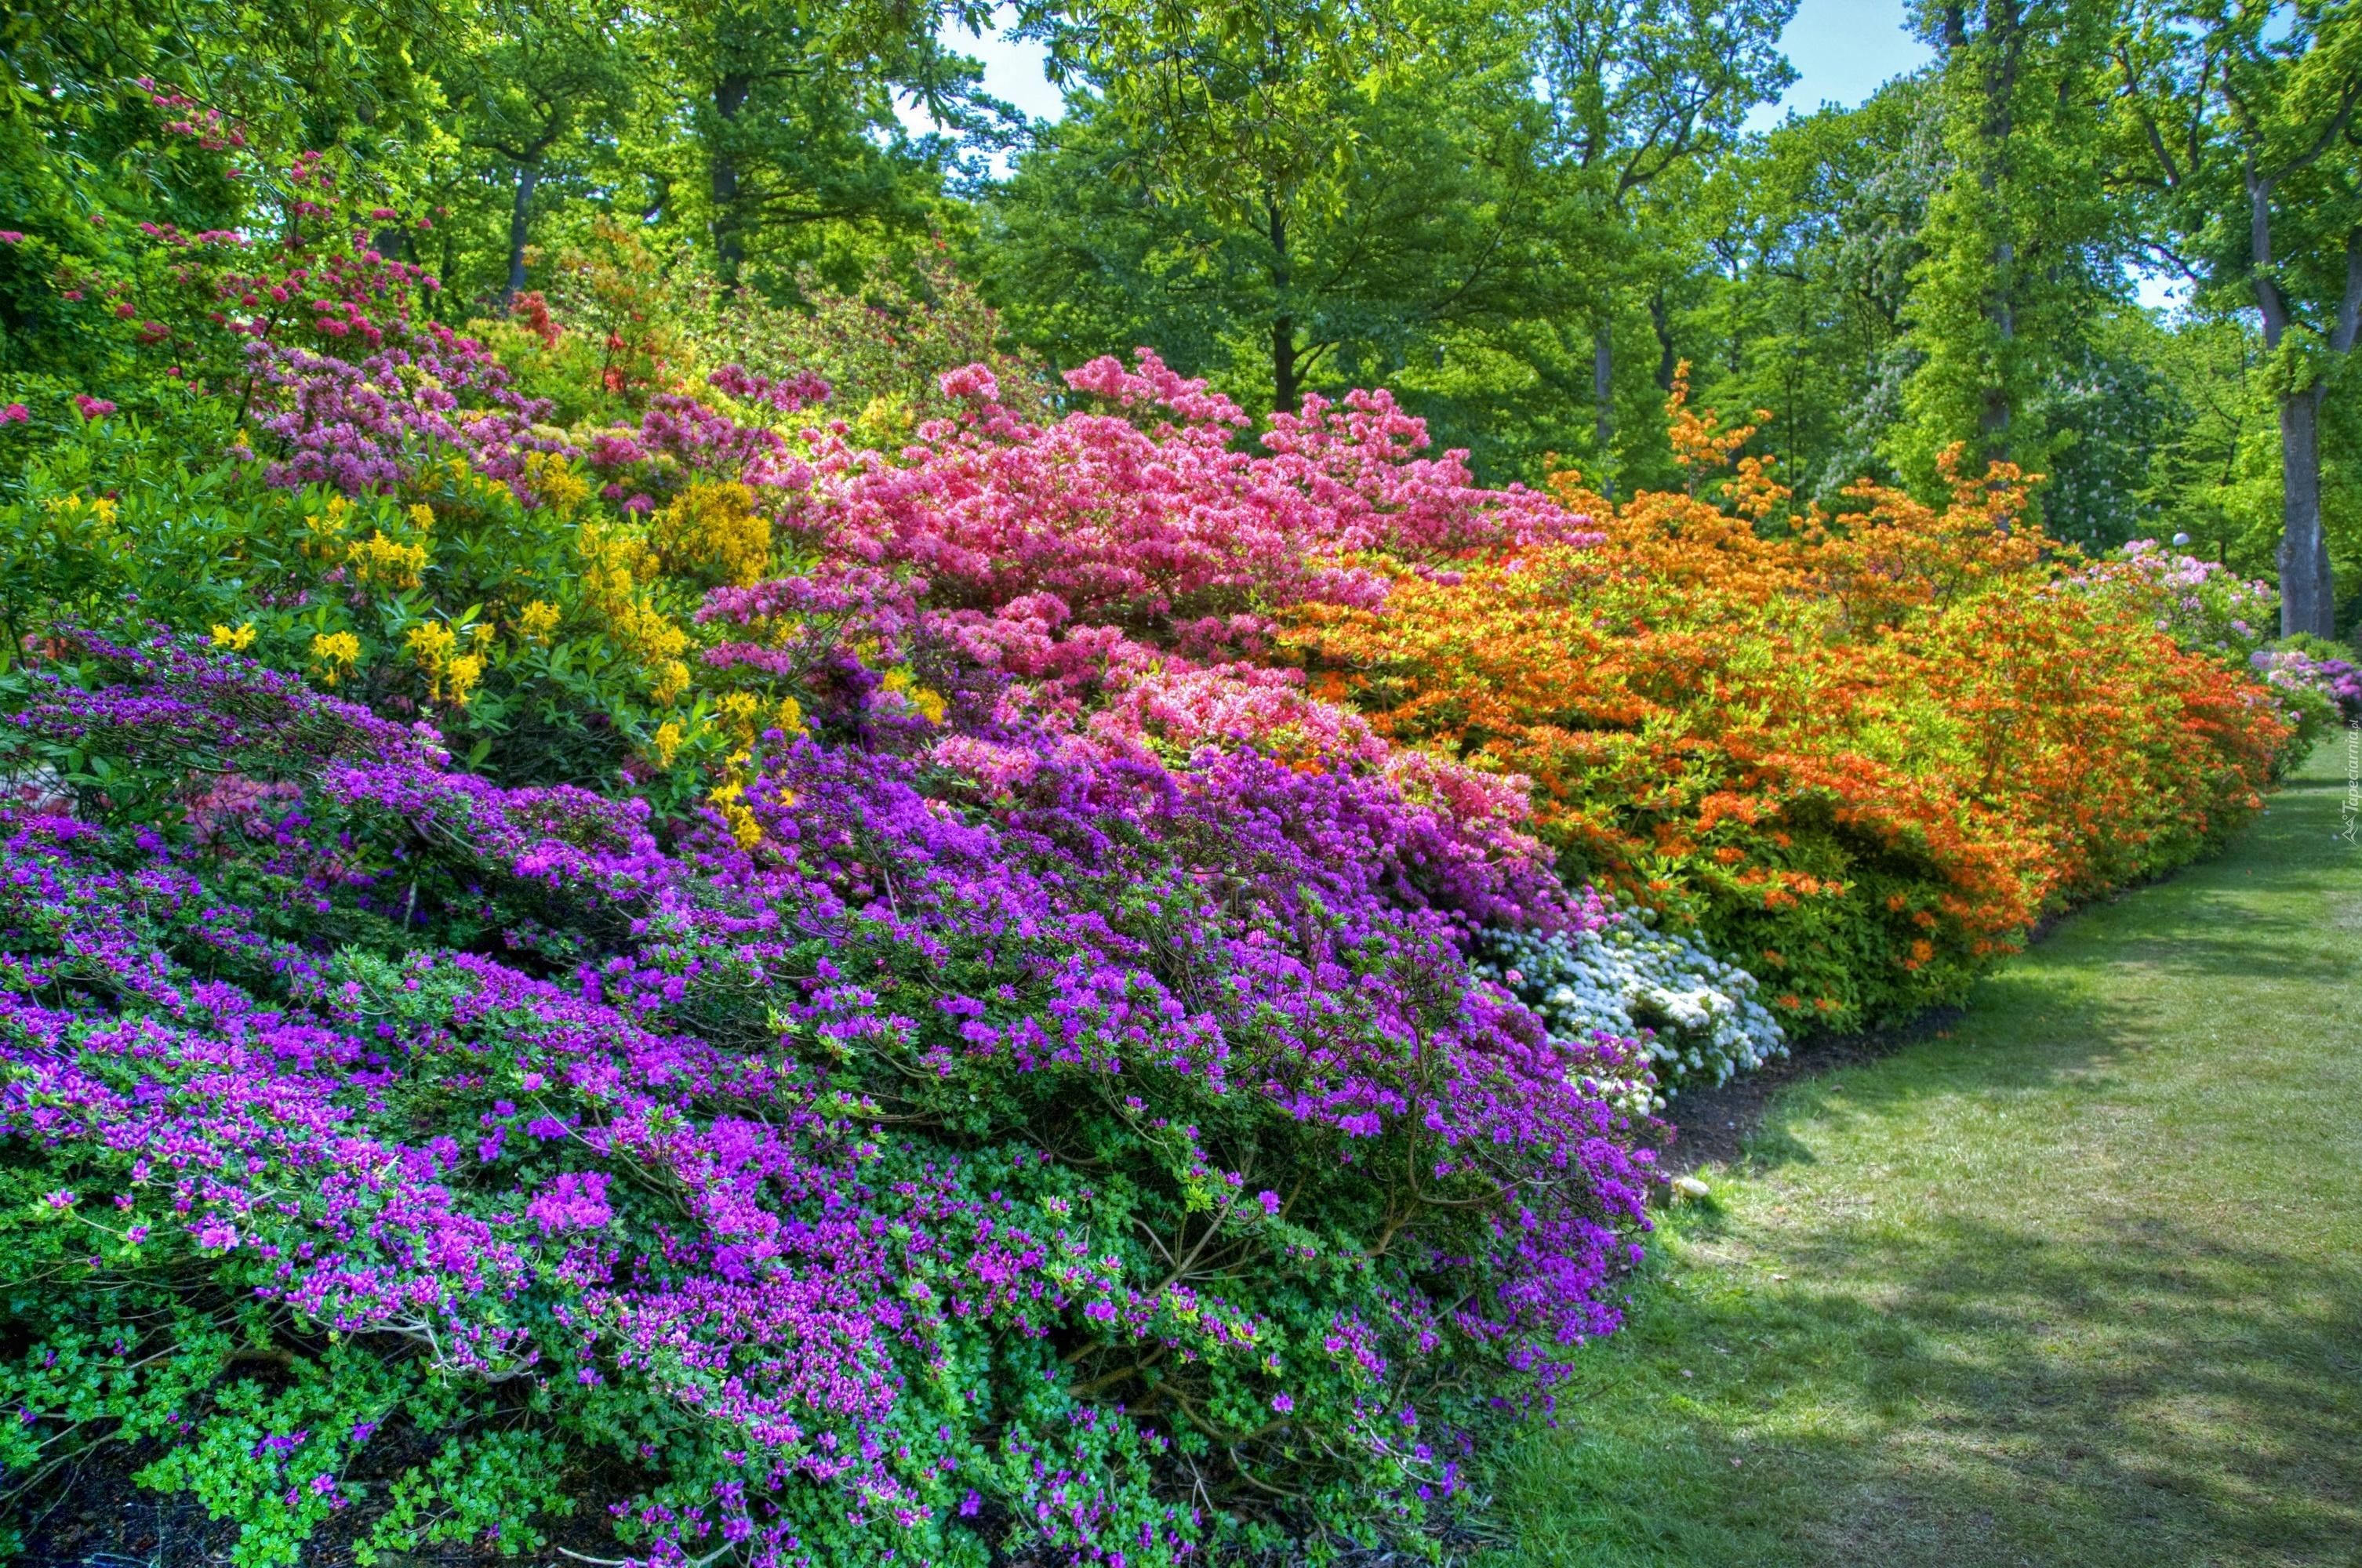 http://www.tapeciarnia.pl/tapety/normalne/267976_wiosna_krzewy_kwiaty.jpg